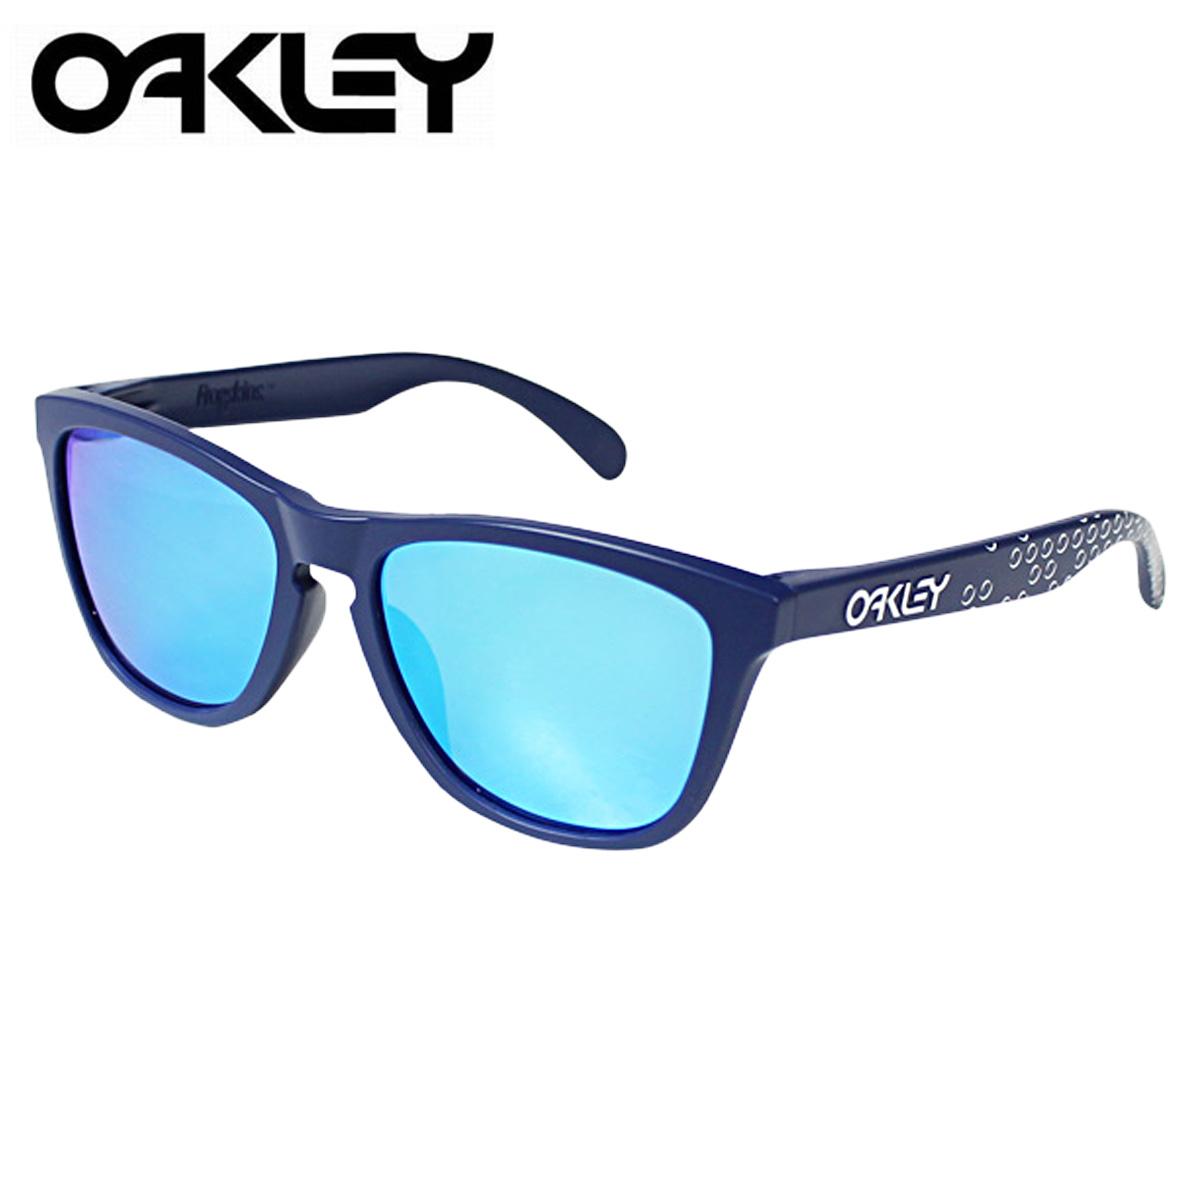 oakley jp online